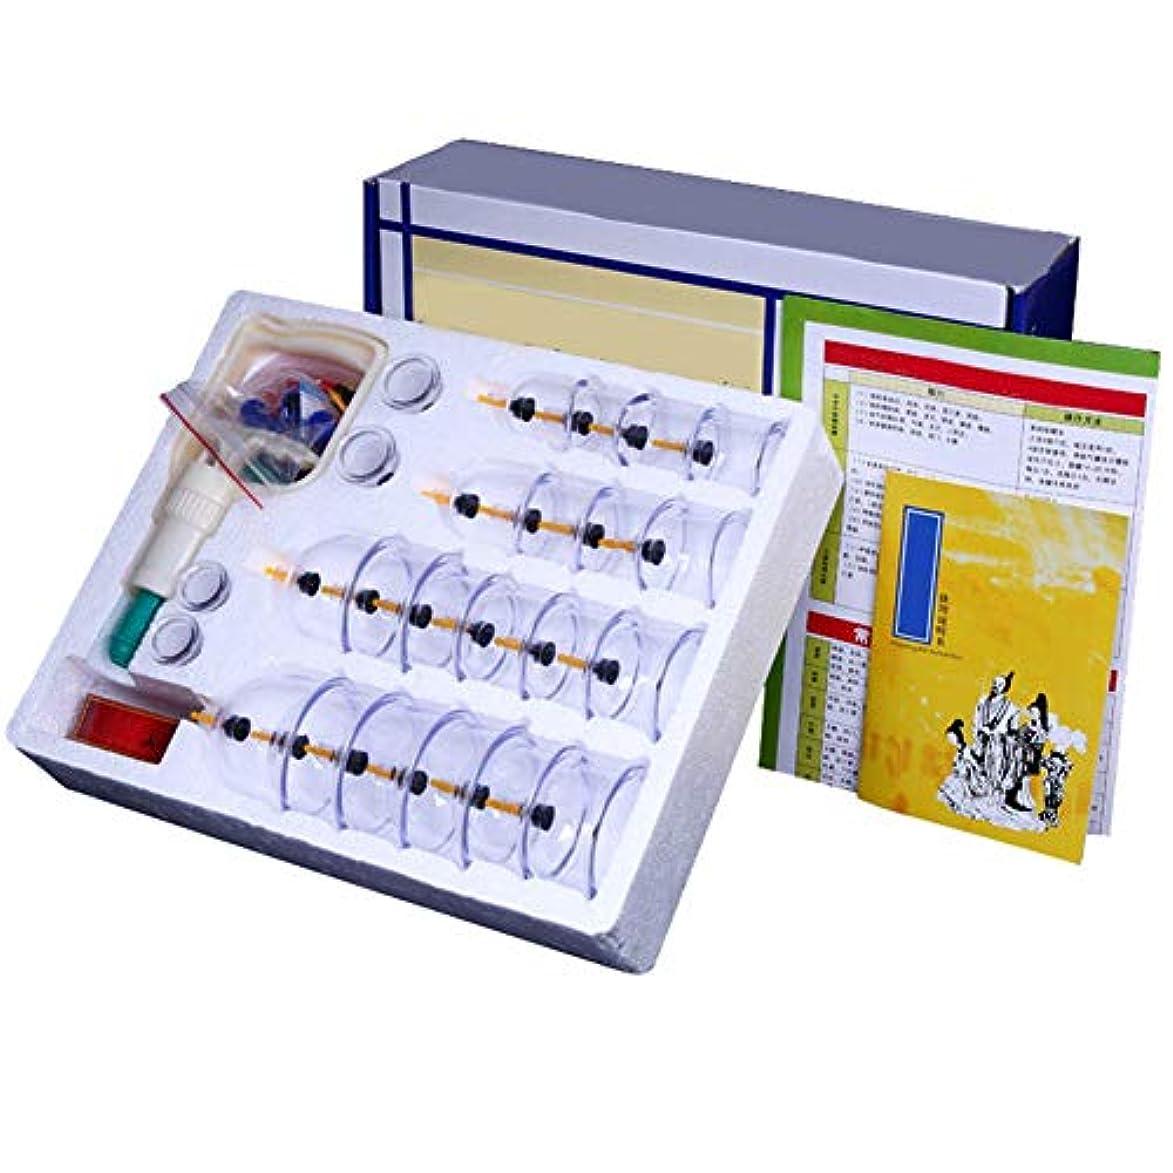 本物の助言個人的に24カップカッピングセットプラスチック、真空吸引生体磁気中国療法カップ、在宅医療、ボディマッサージ痛み緩和理学療法排泄毒素